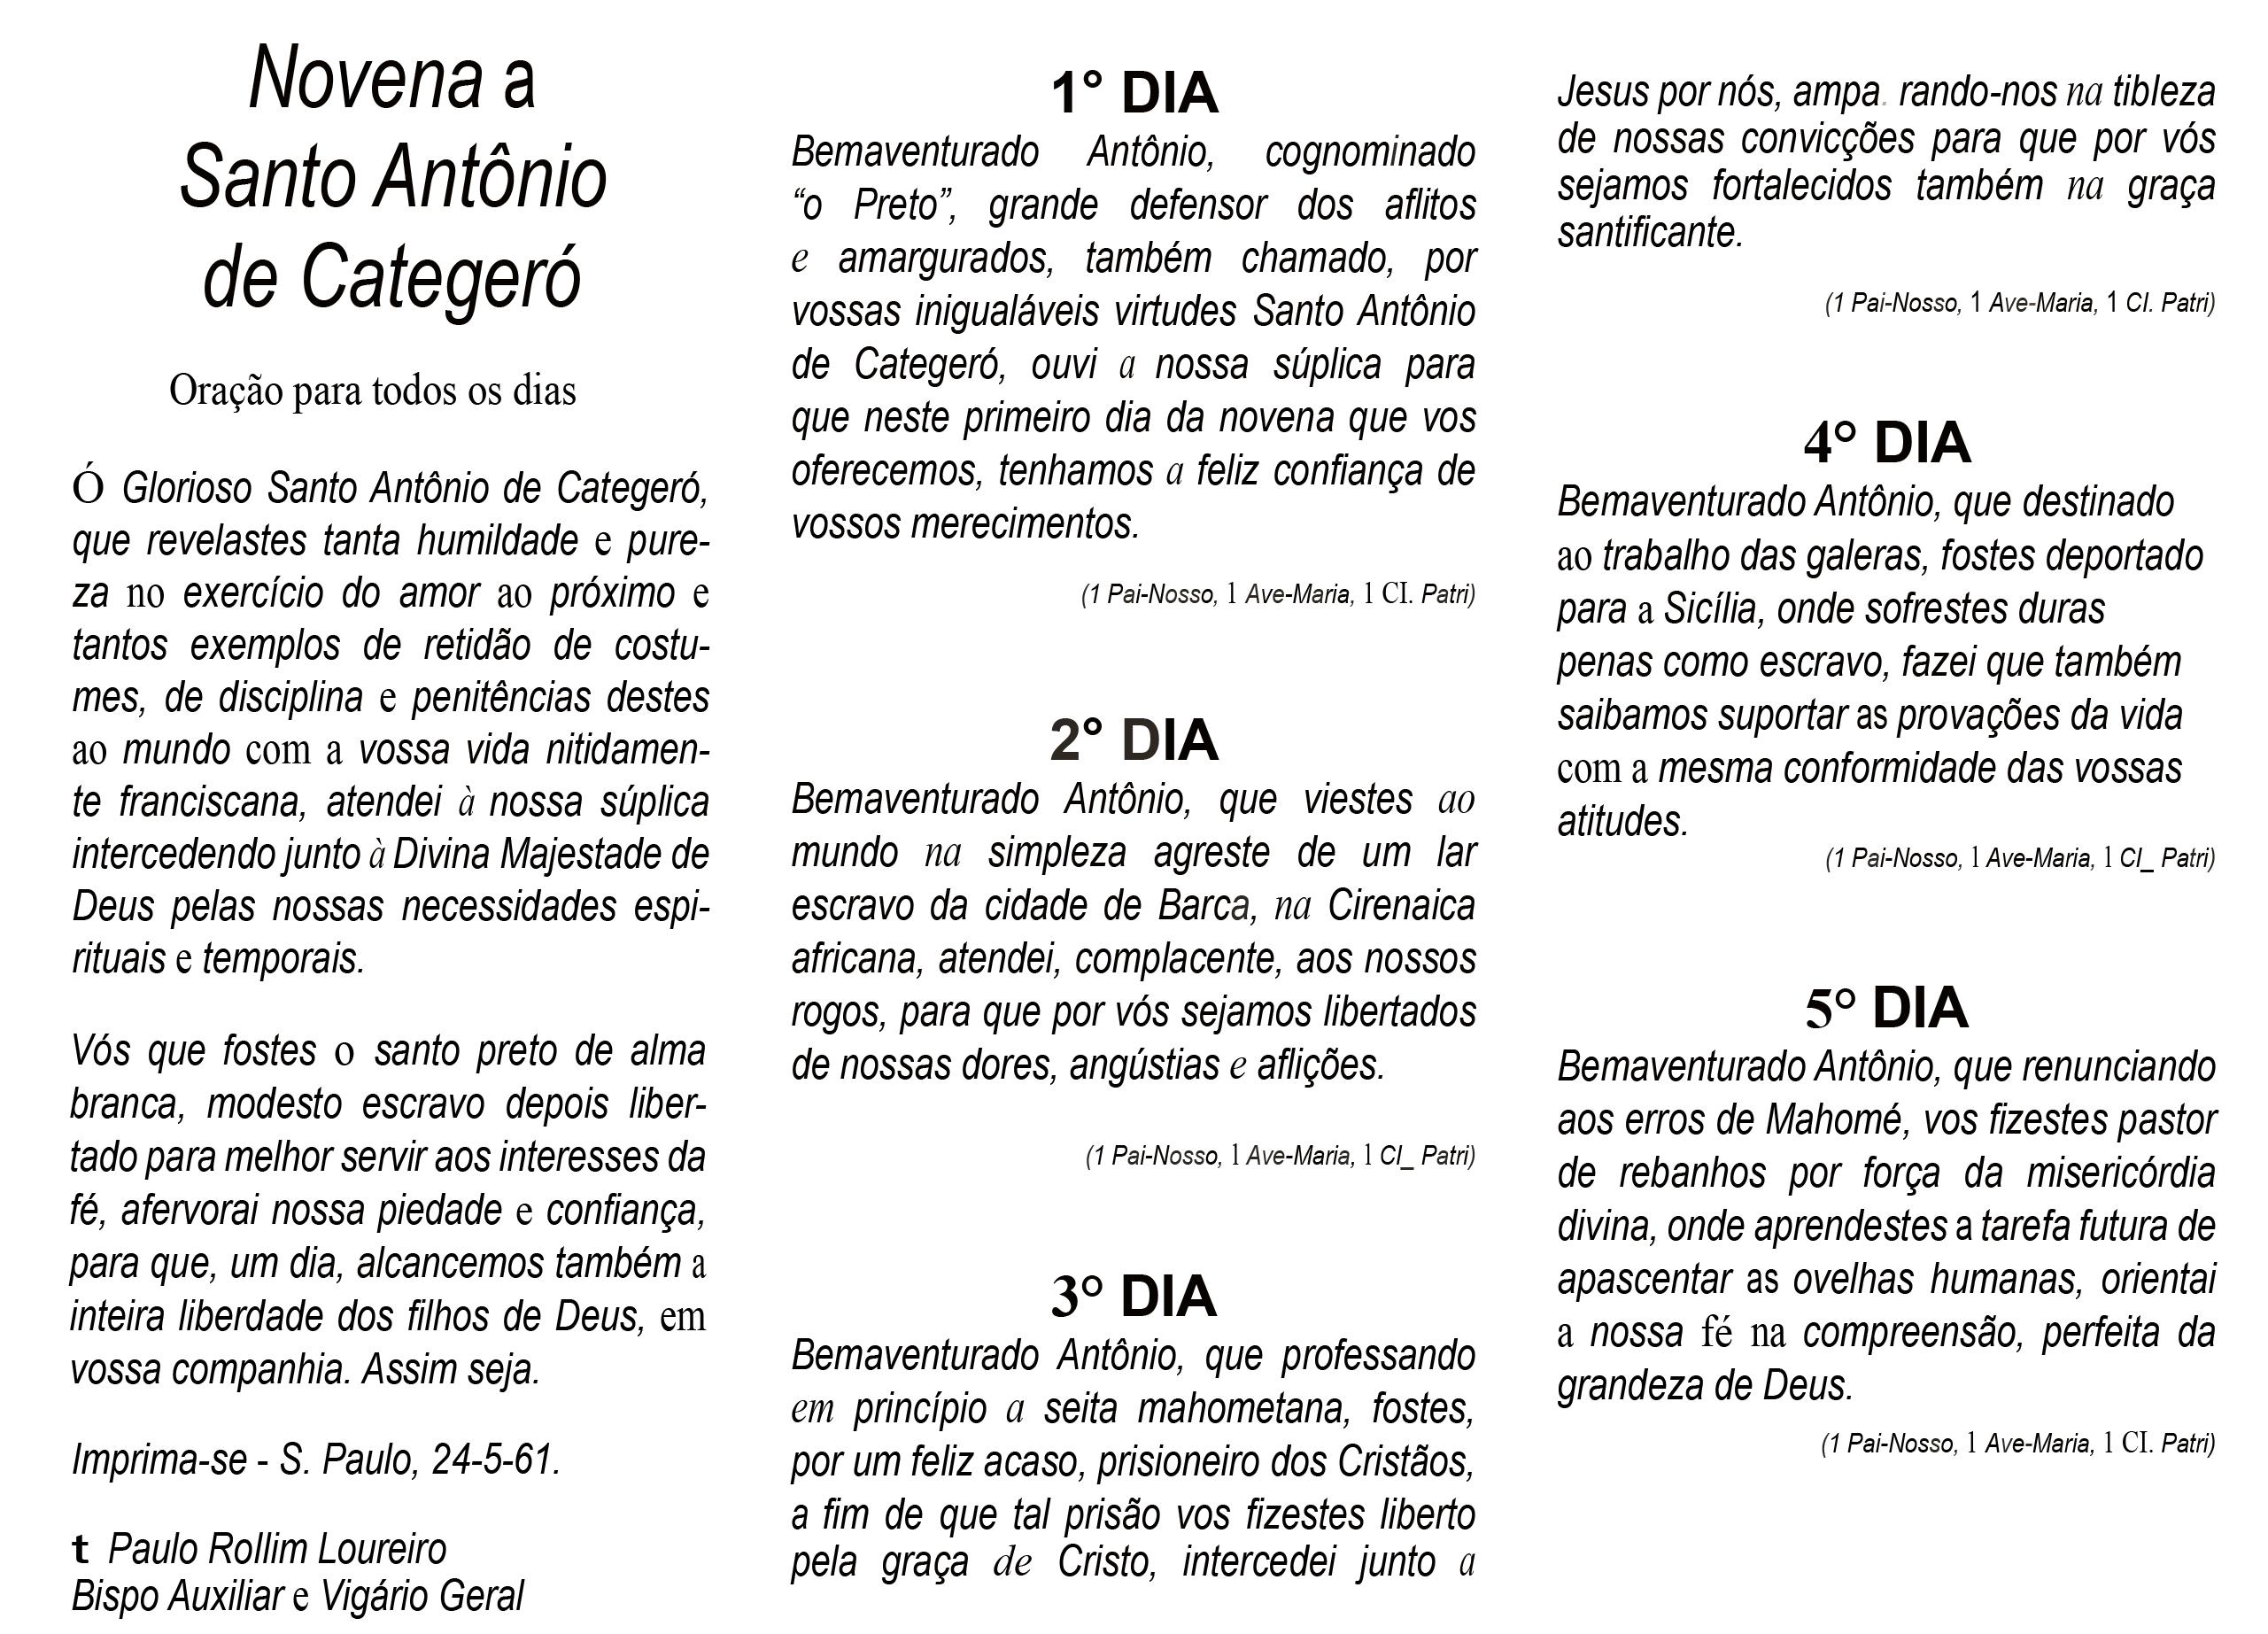 1961 1ª pag - Novena Catgro Bsipo Rolim